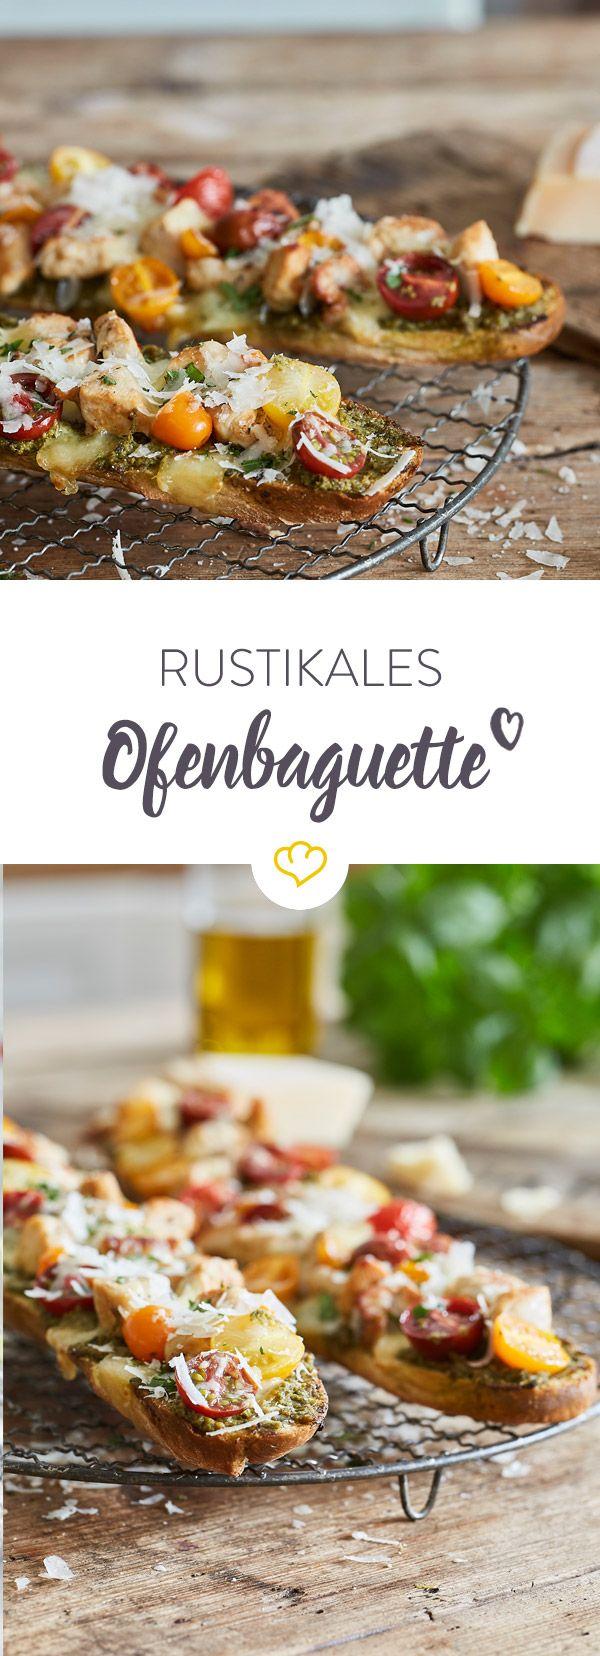 Mit Pesto, Tomaten und Hähnchenbrust belegt, ist dieses mit Mozzarella überbackene Ofenbaguette nicht nur ein schneller Feierabendgenuss.